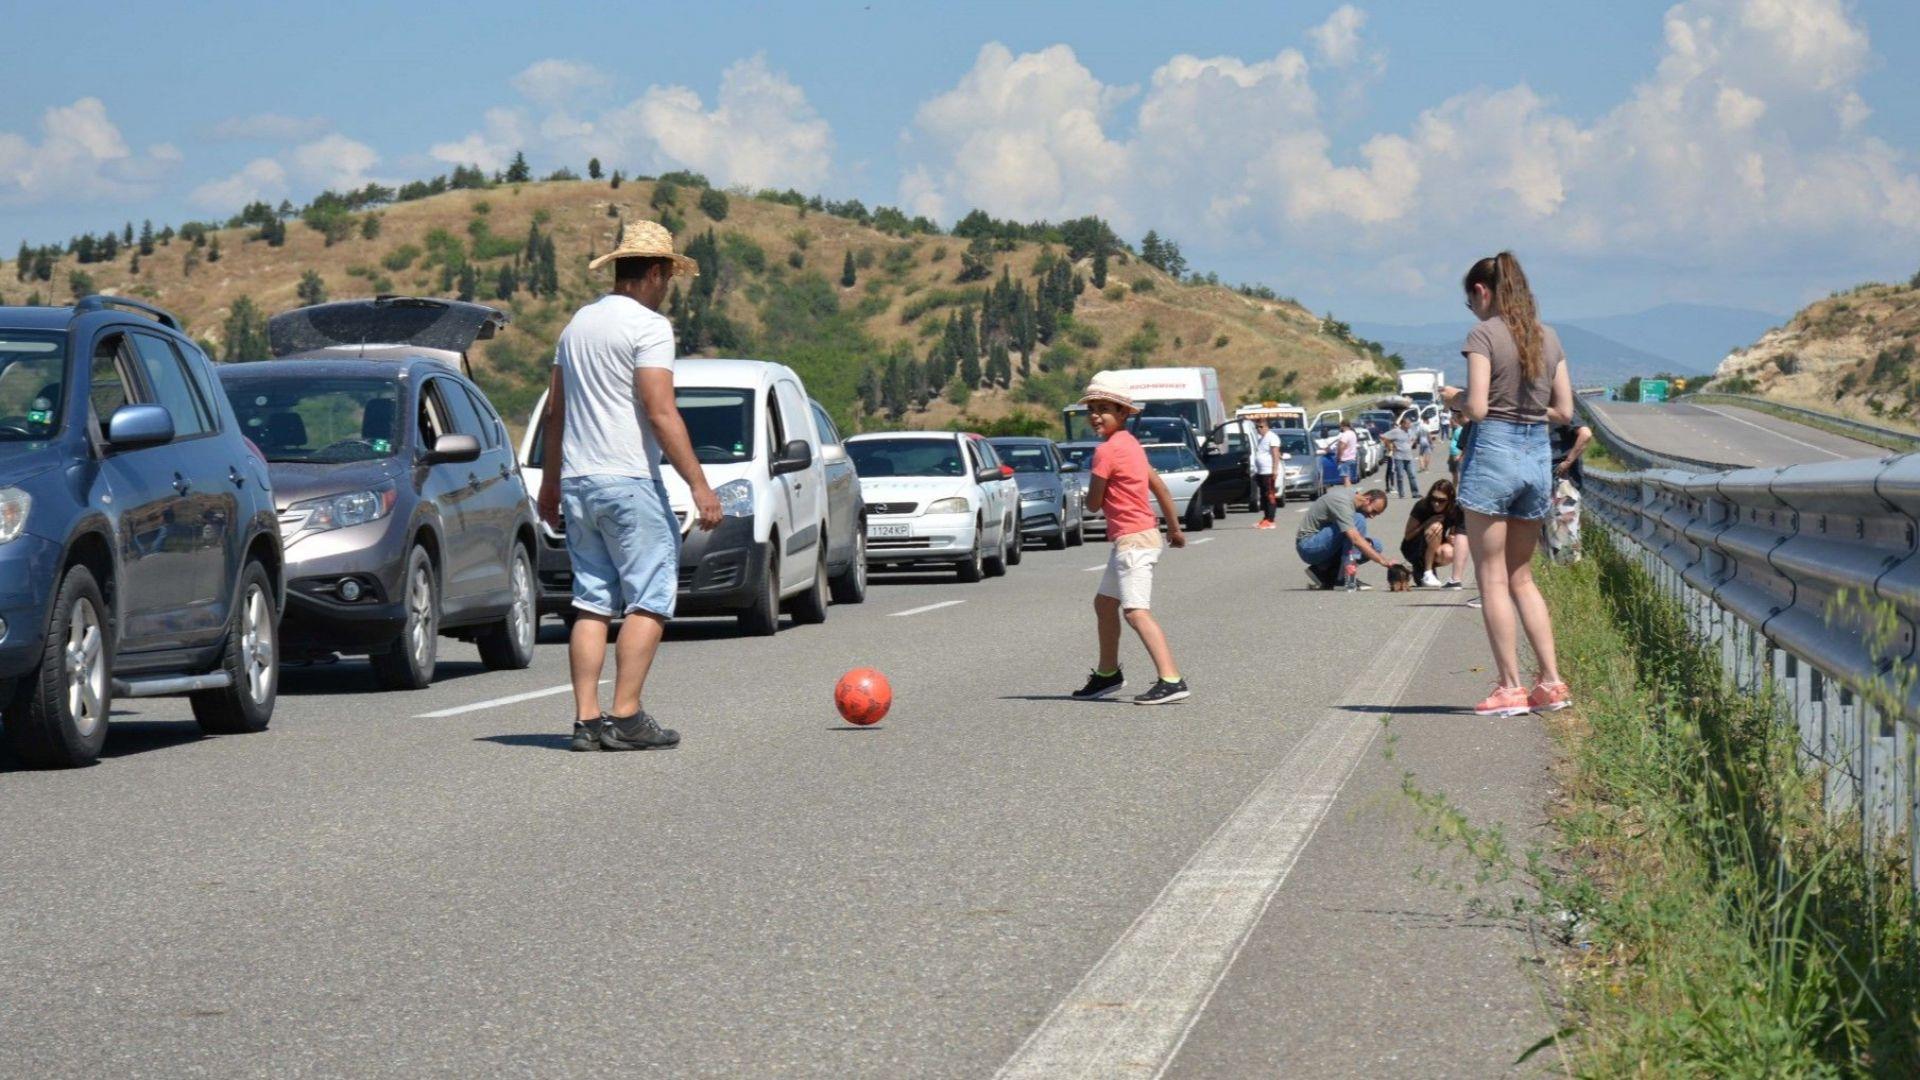 Сърбия е изпратила официално питане до гръцките власти относно преминаването